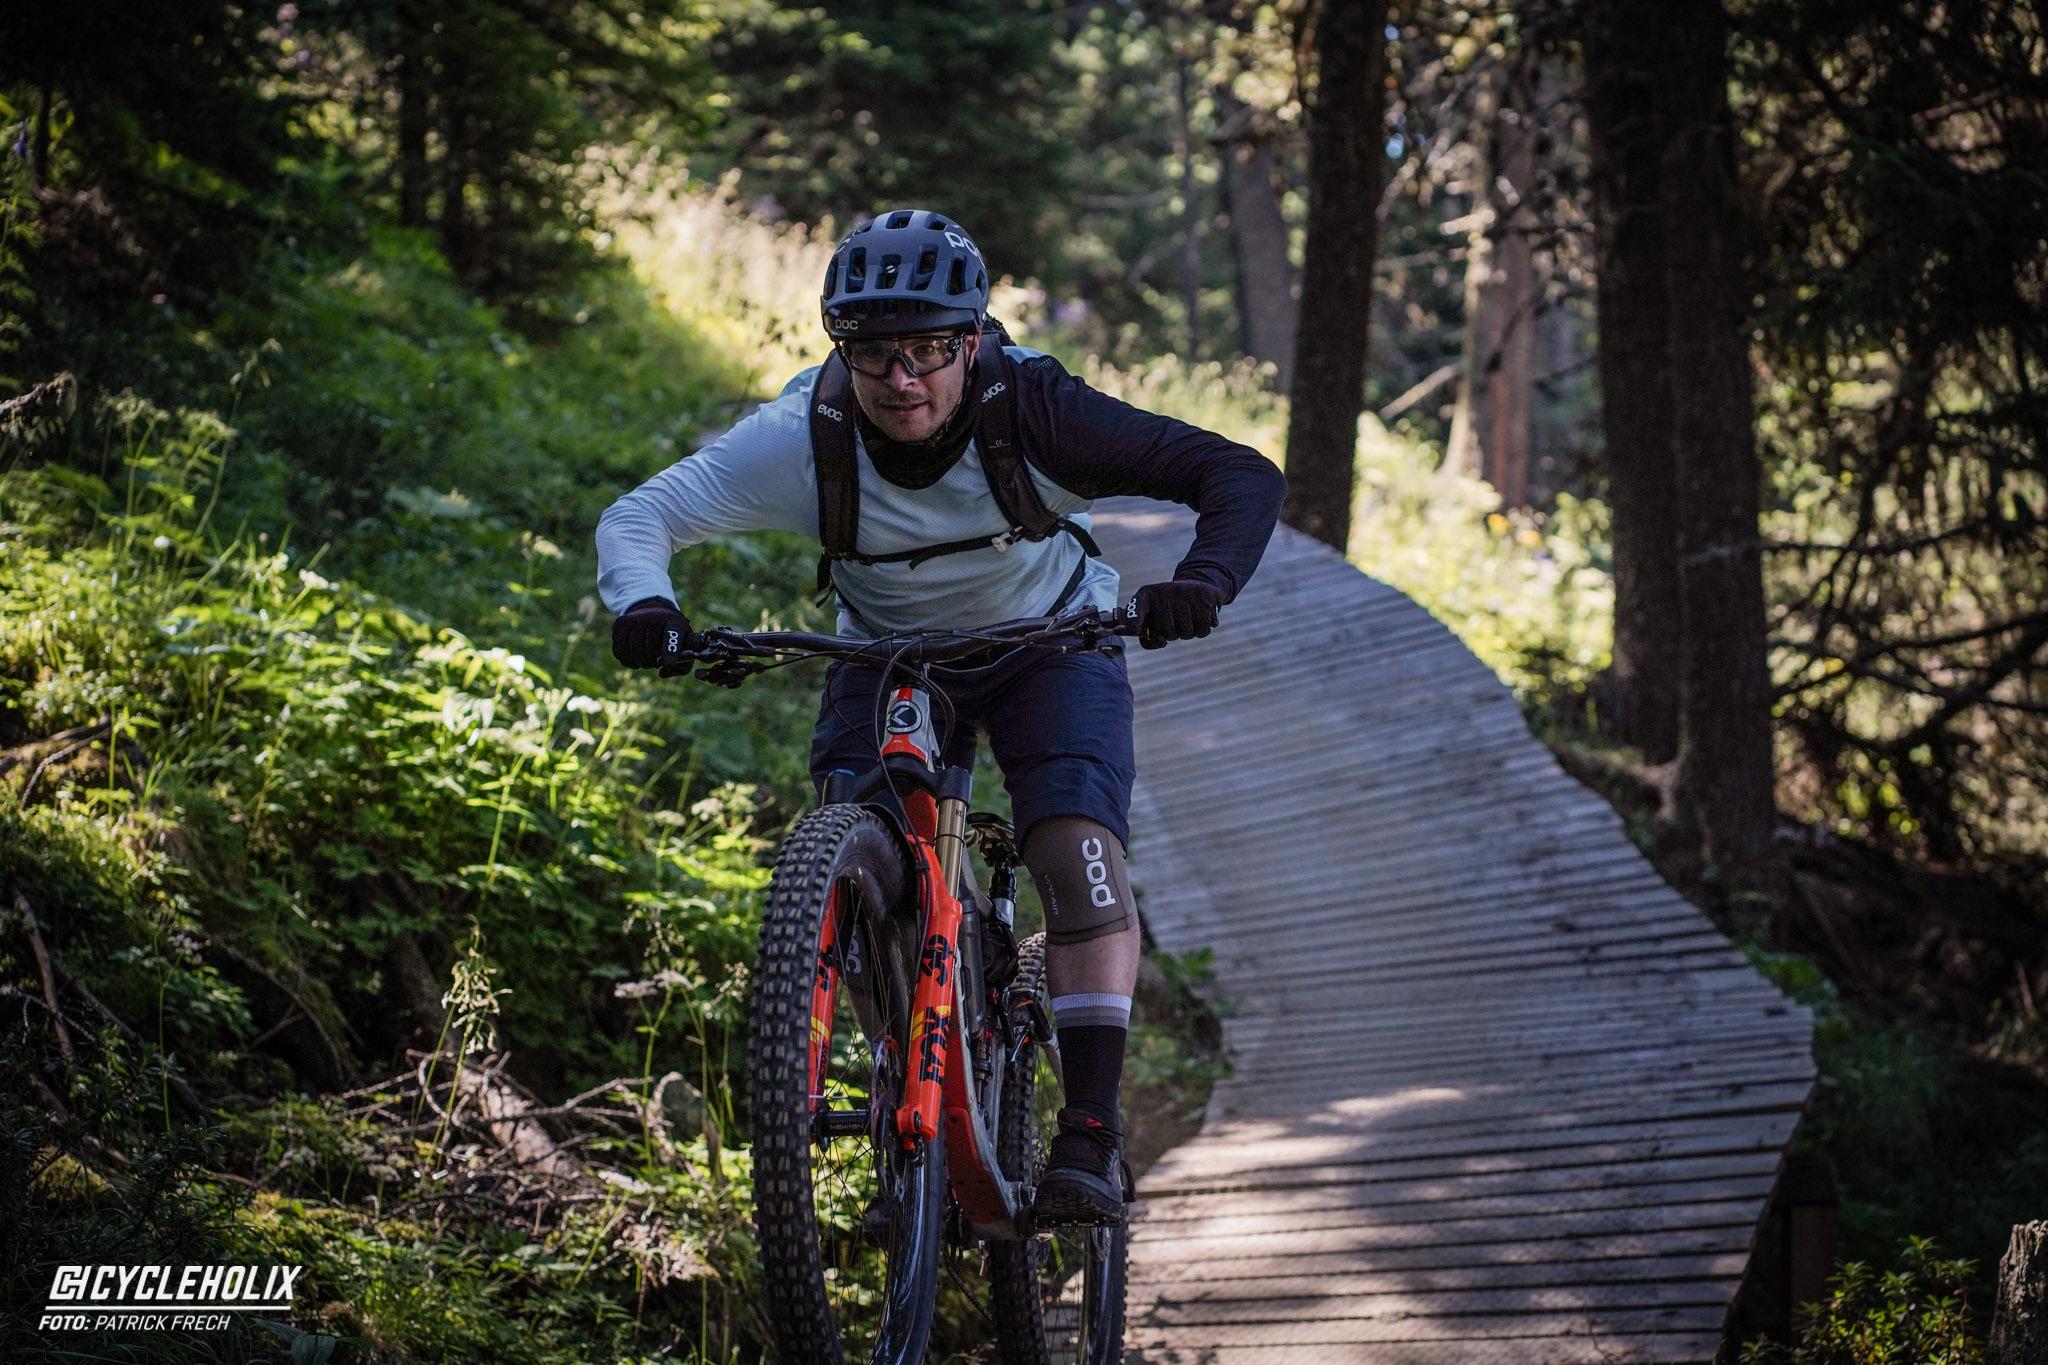 3-länder Enduro trails